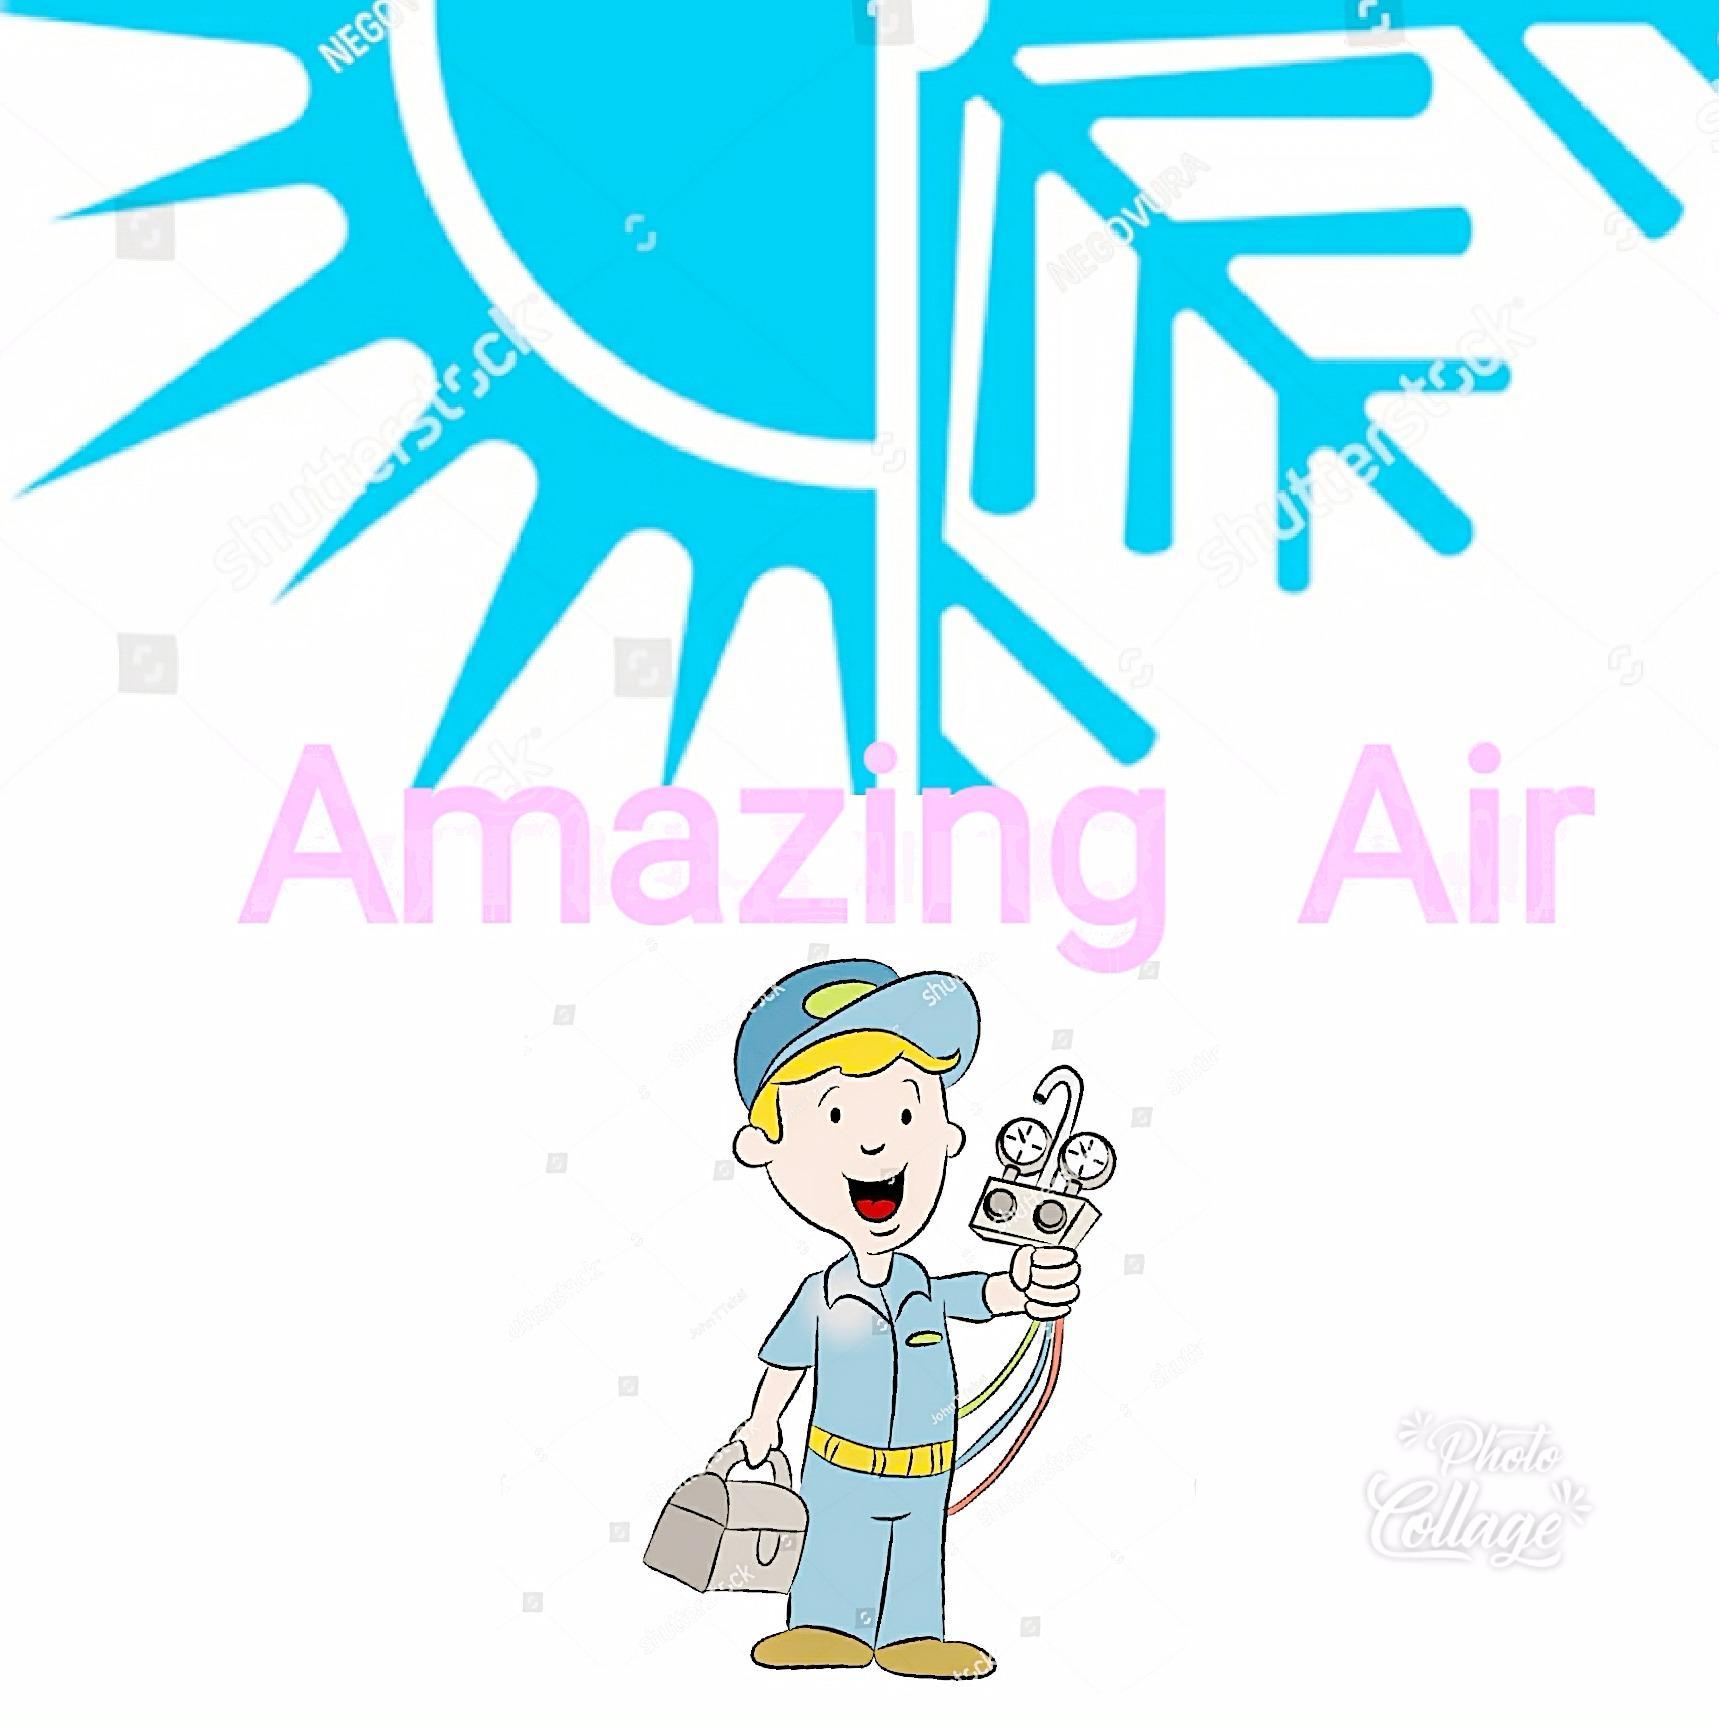 Amazing Air